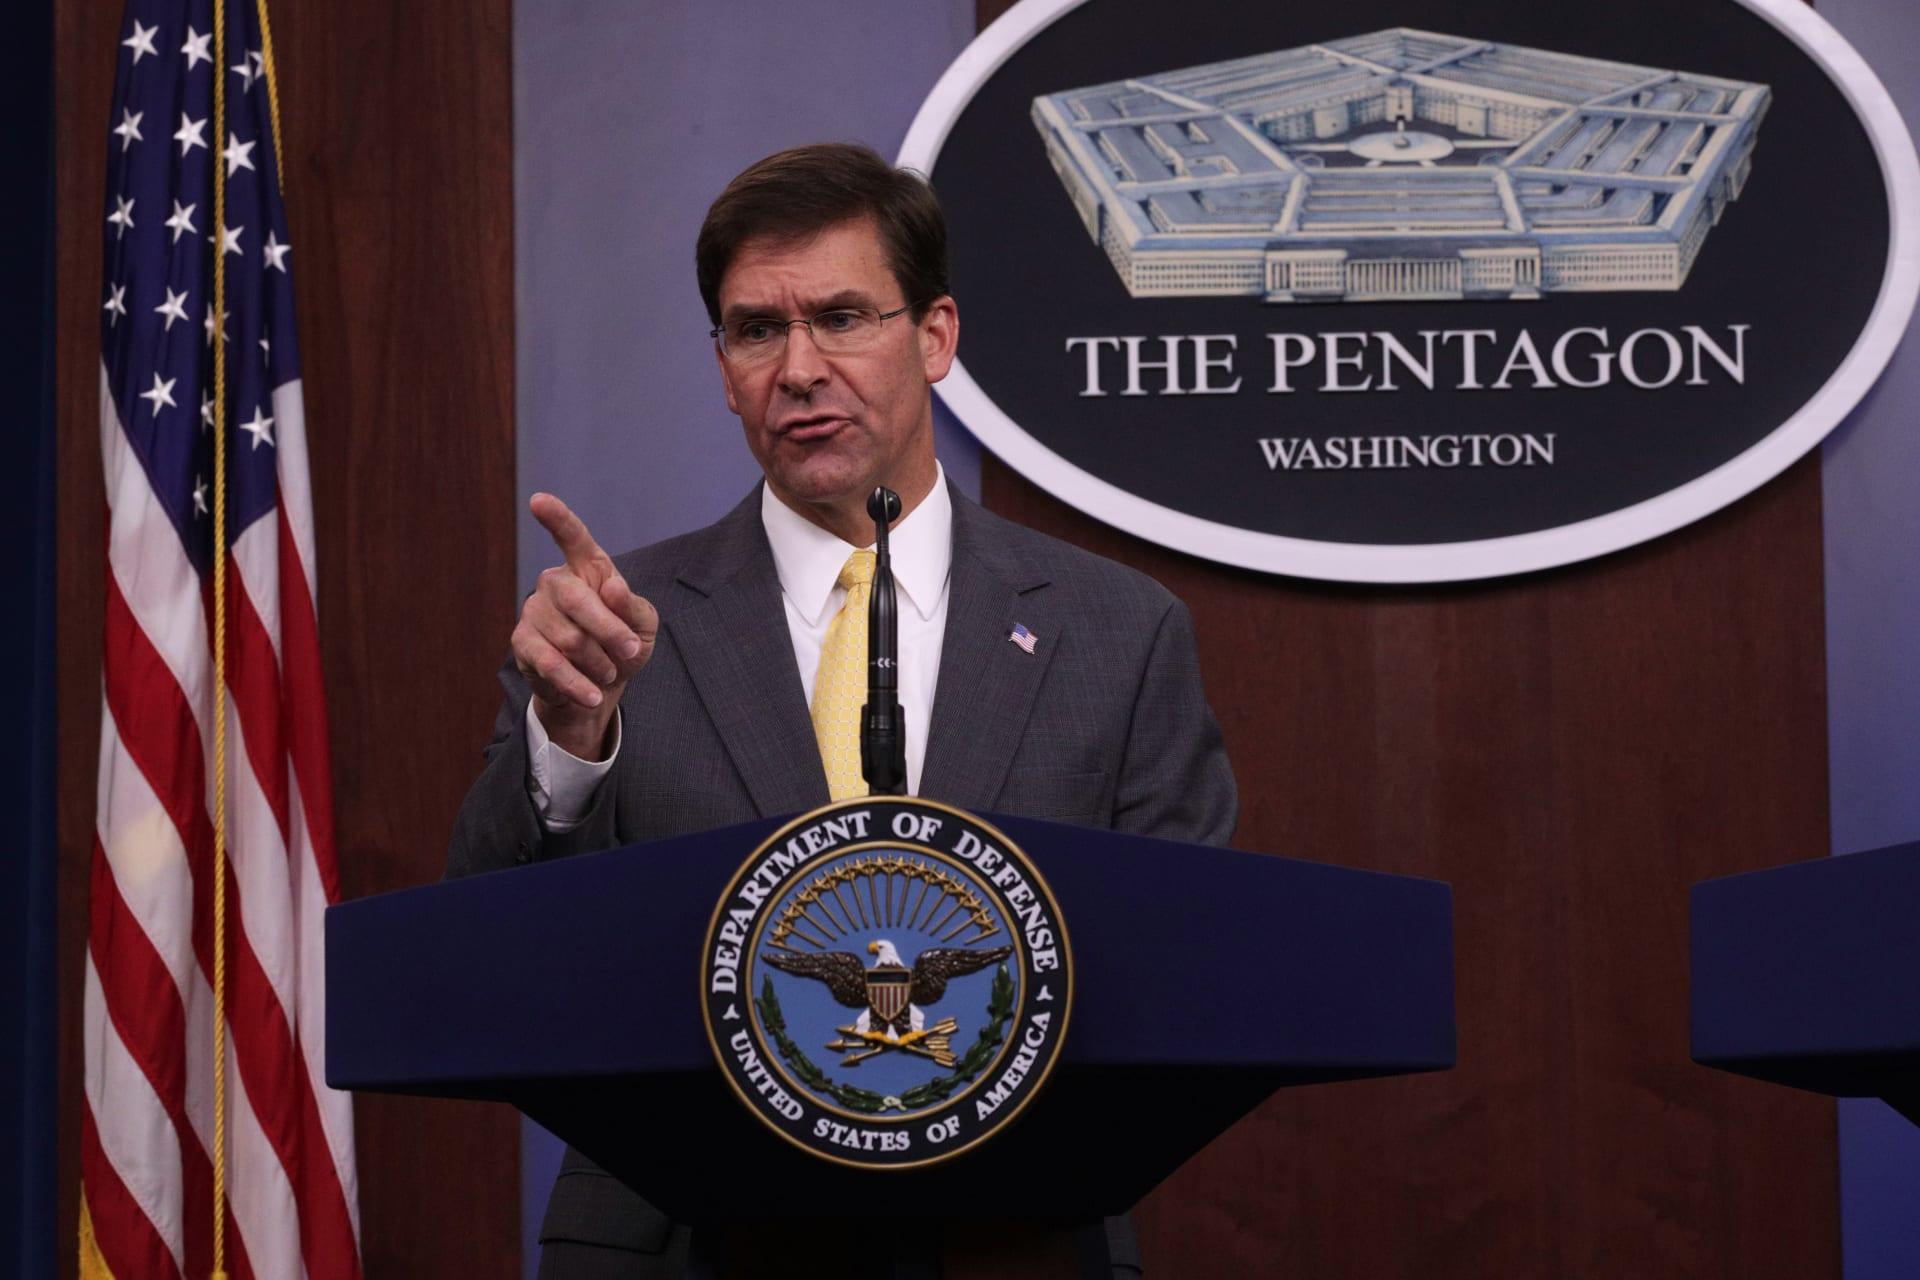 الجيش الأمريكي يعلن نشر بطارية صواريخ باتريوت و4 رادارات و200 جندي بالسعودية